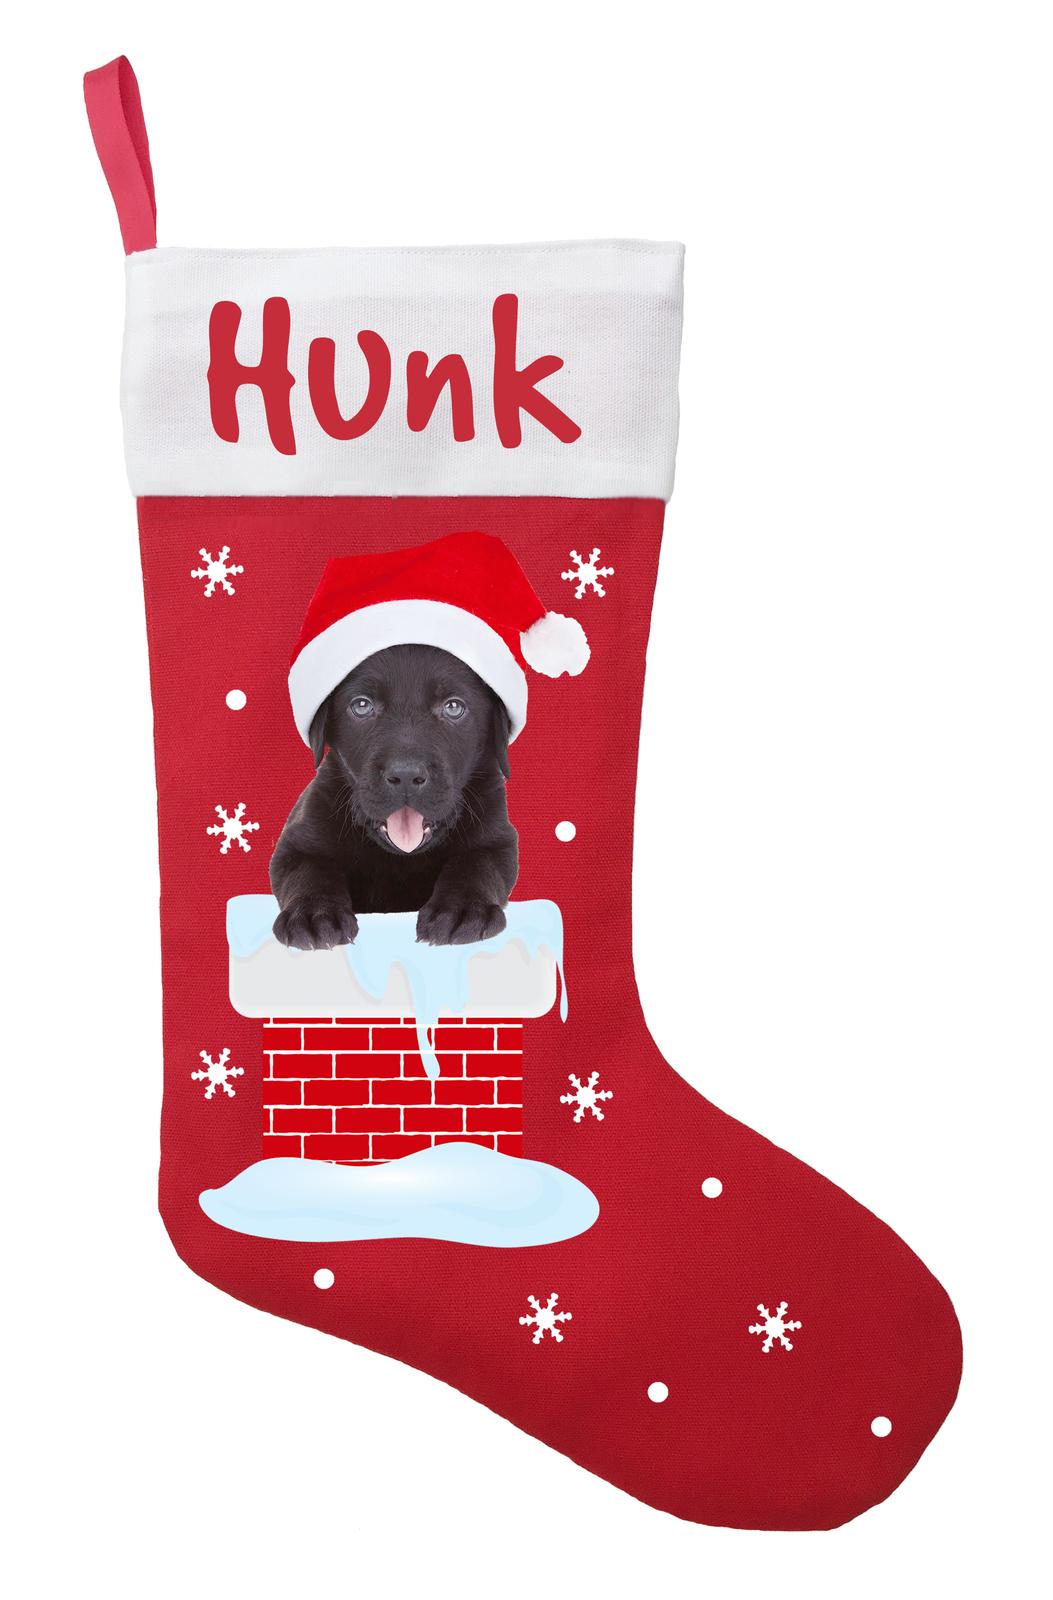 Black Labrador Christmas Stocking - Personalized and Hand Made Black Labrador St